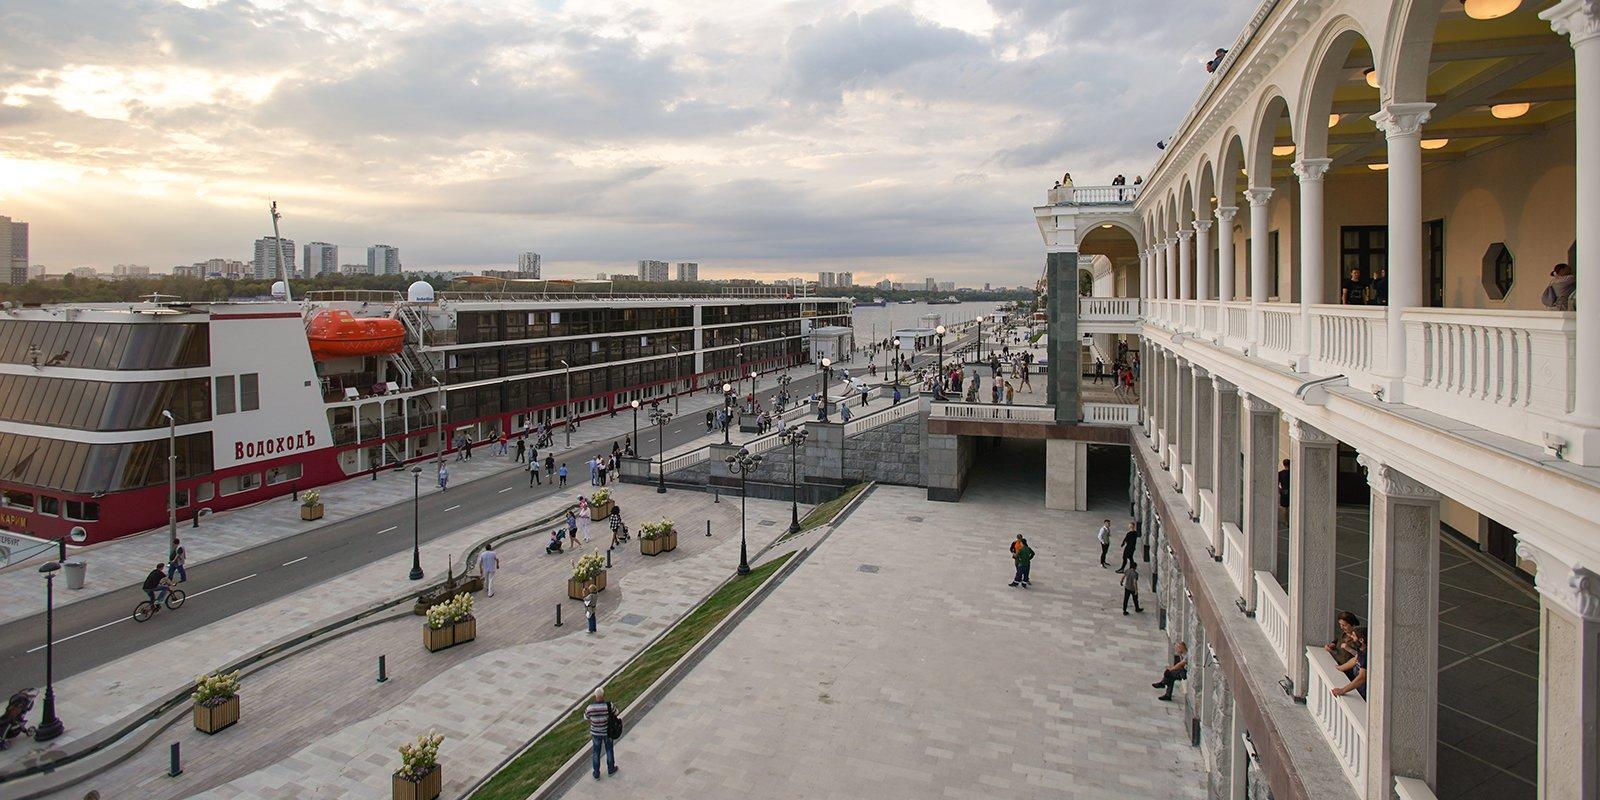 На территории Северного речного вокзала летом появится курорт. Фото: mos.ru